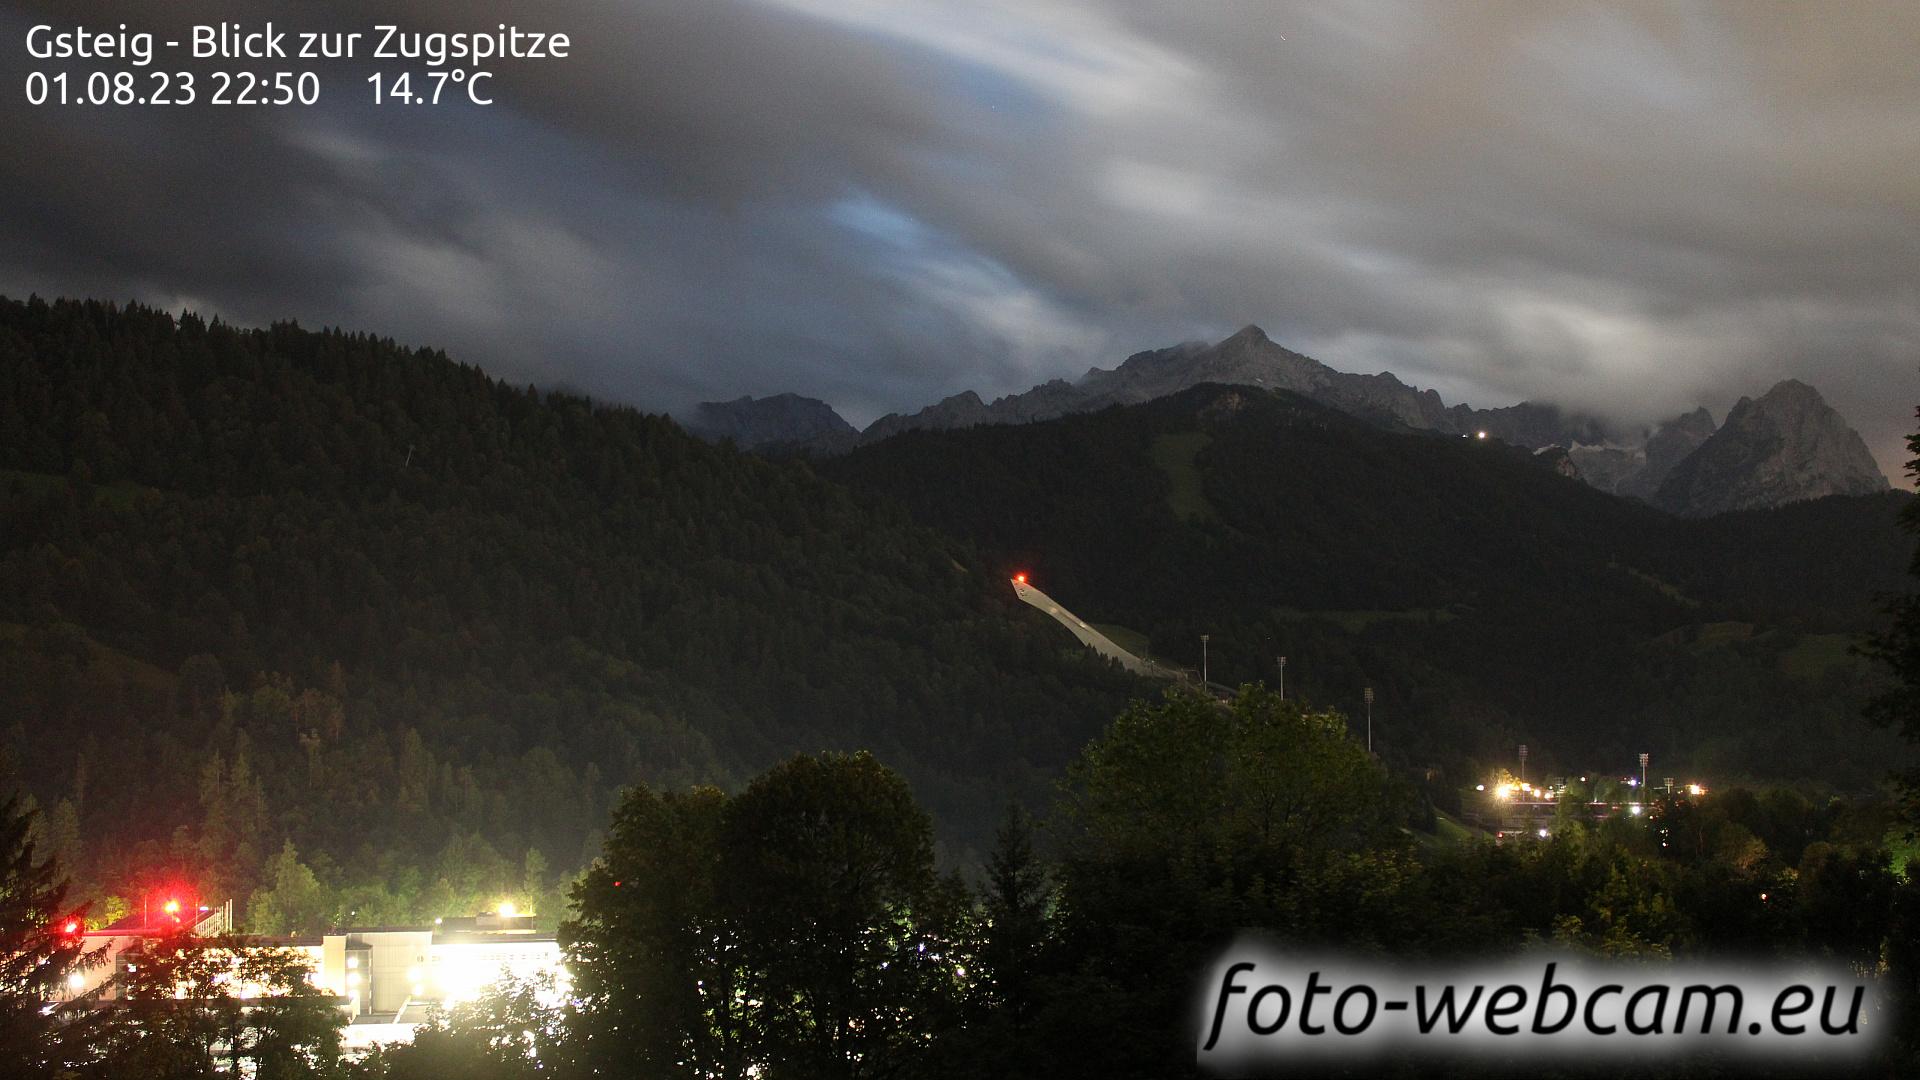 Garmisch-Partenkirchen Wed. 22:31